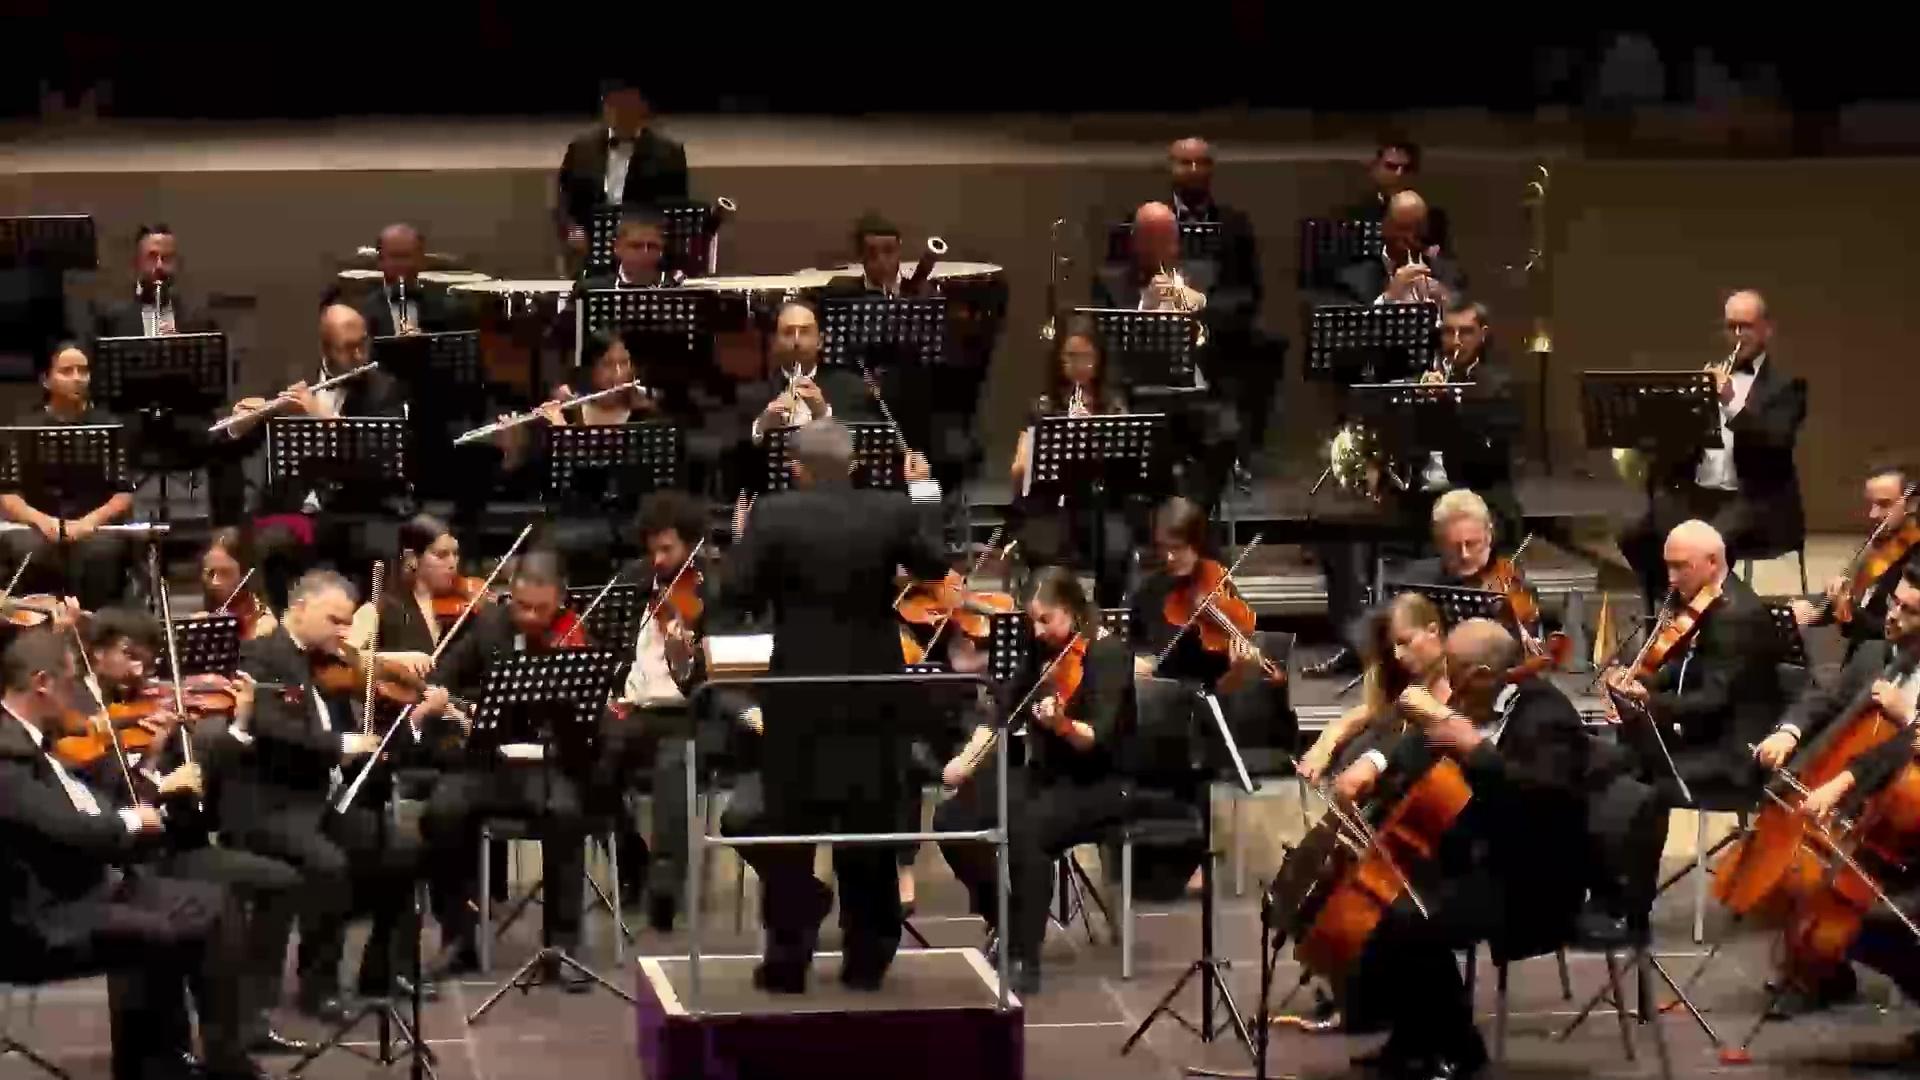 Concierto OST - Mendelssohn y Beethoven